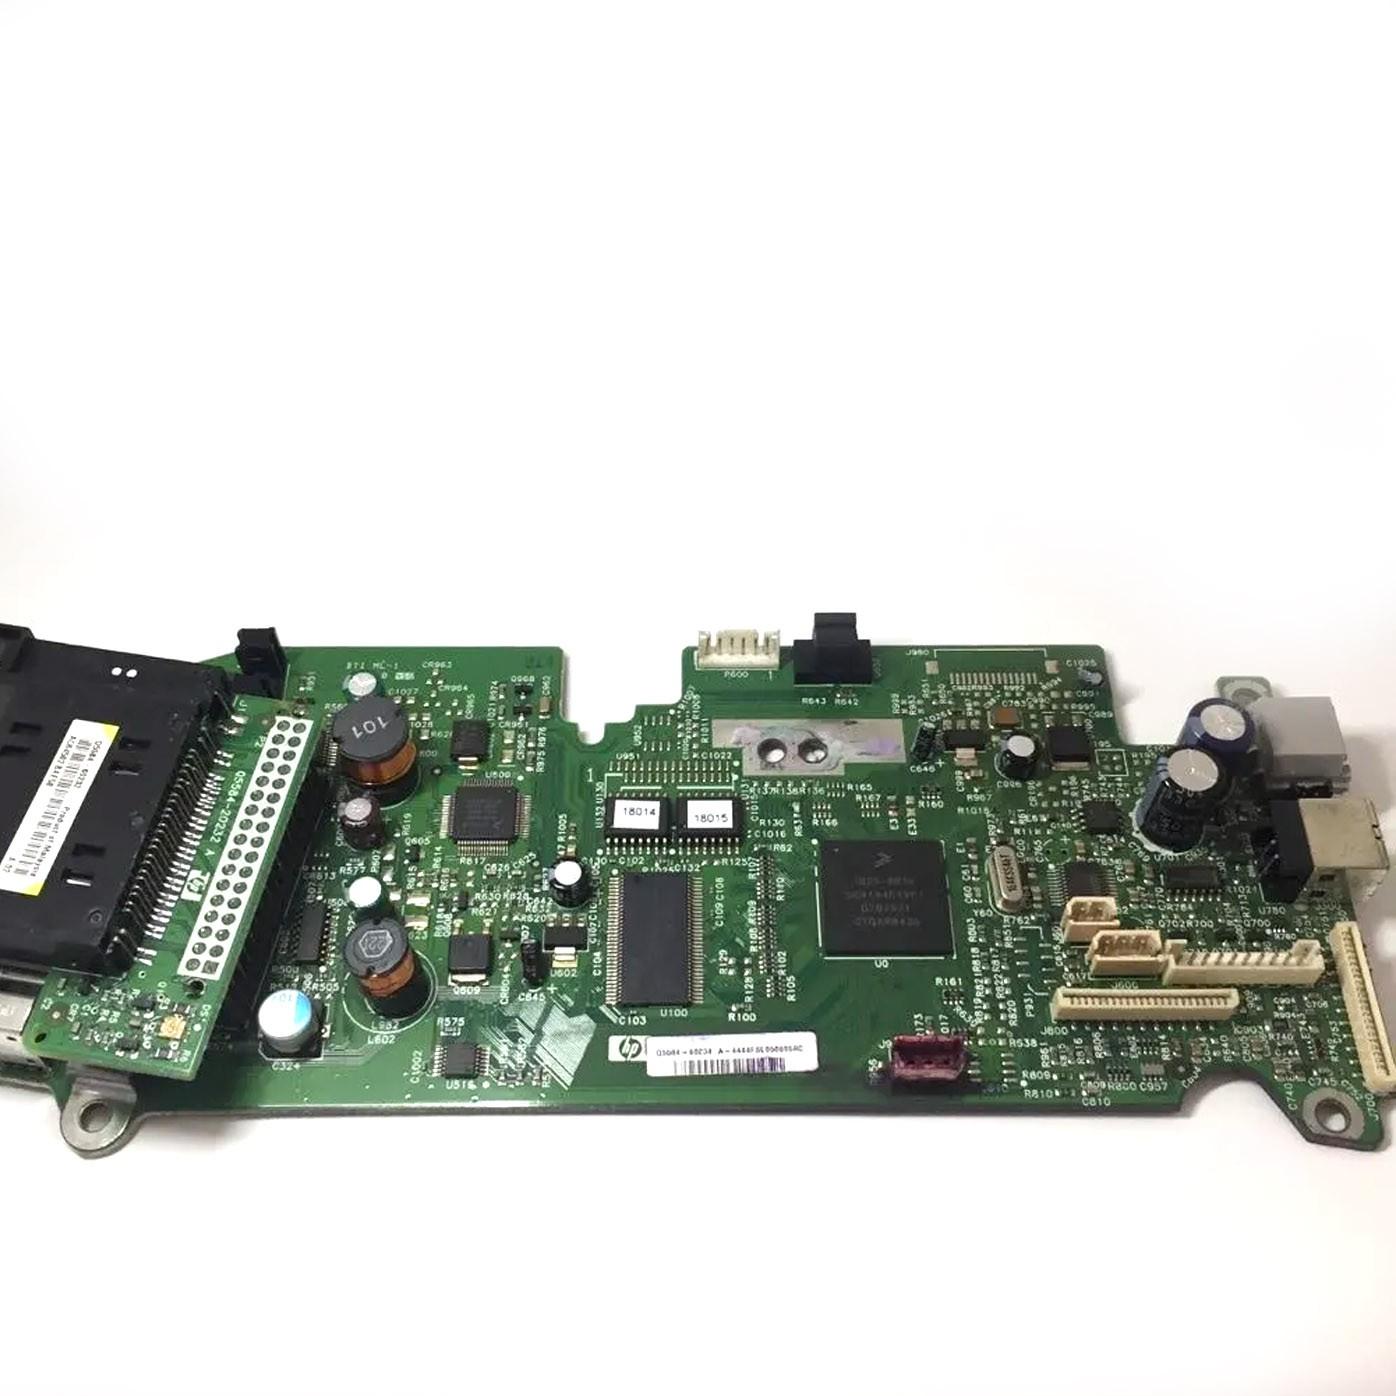 Placa Lógica Impressora Hp Psc 1610 PN: Q5584-60234 - Retirado